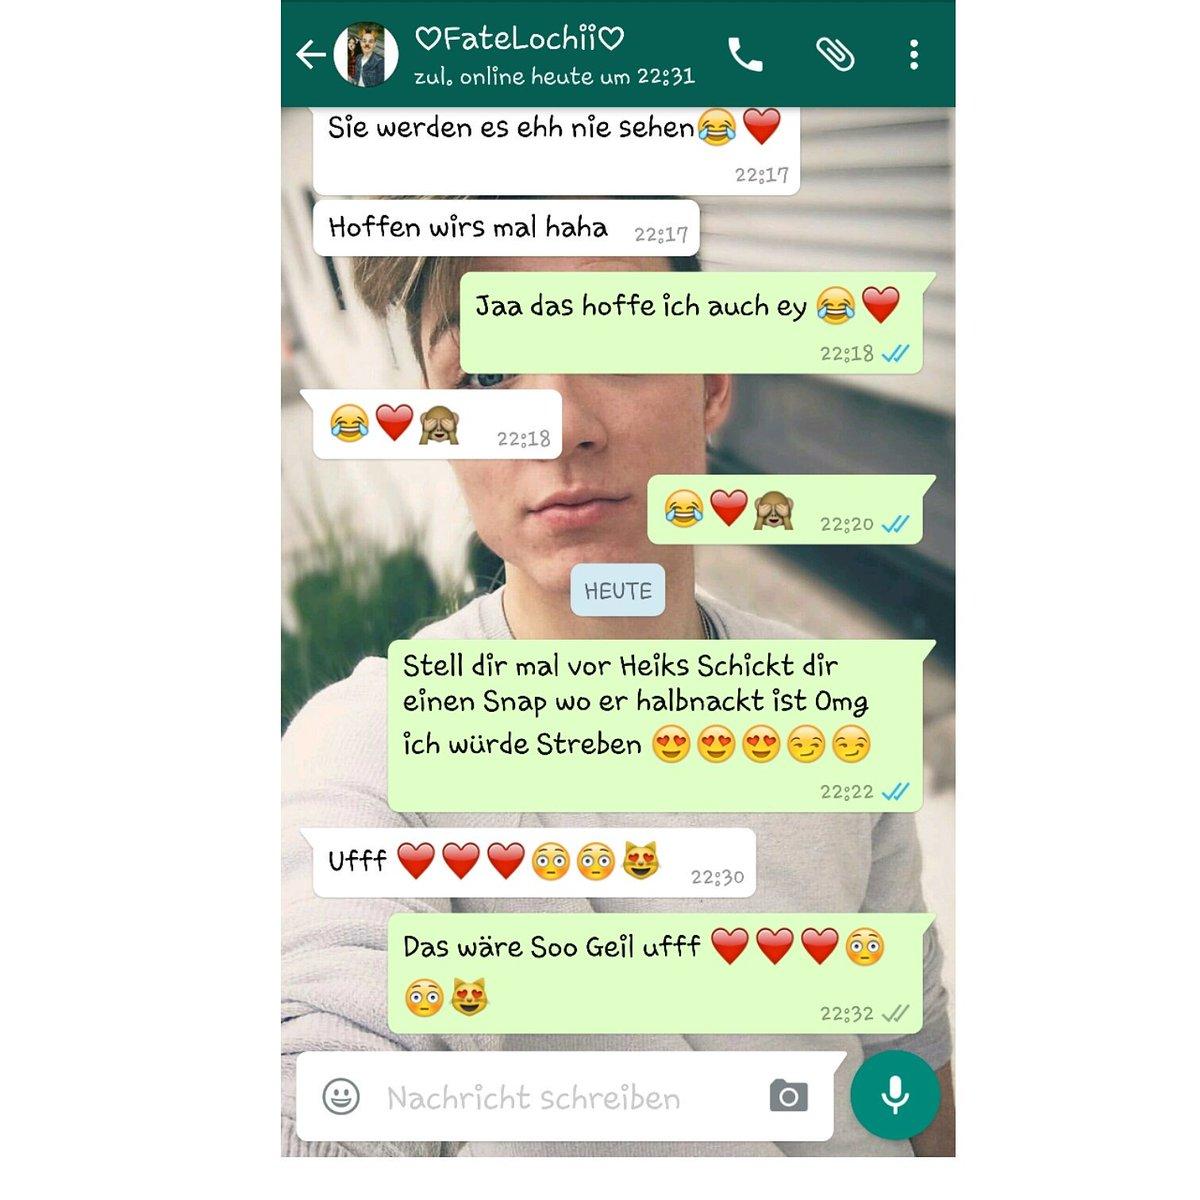 Liebes chat verlauf | Verlauf anzeigen